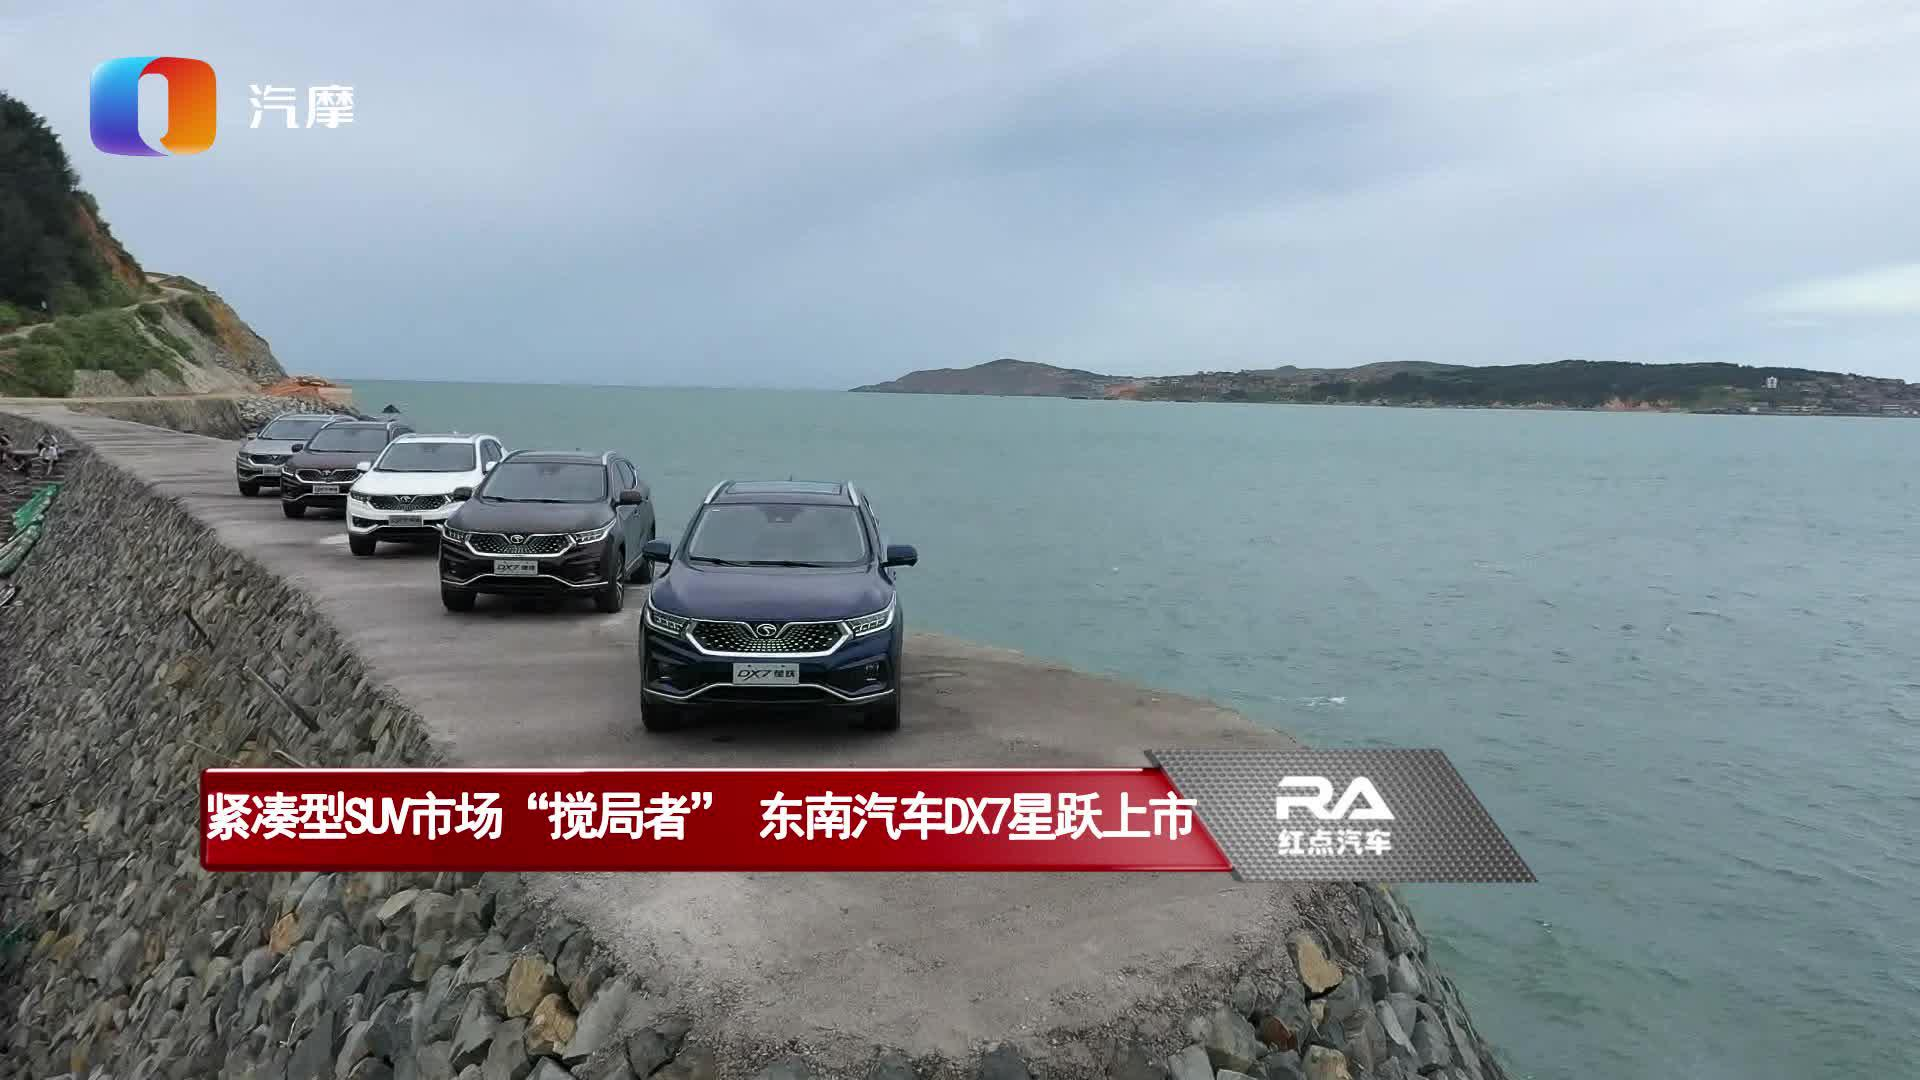 """视频:紧凑型SUV市场""""搅局者"""" 东南汽车DX7星跃上市"""